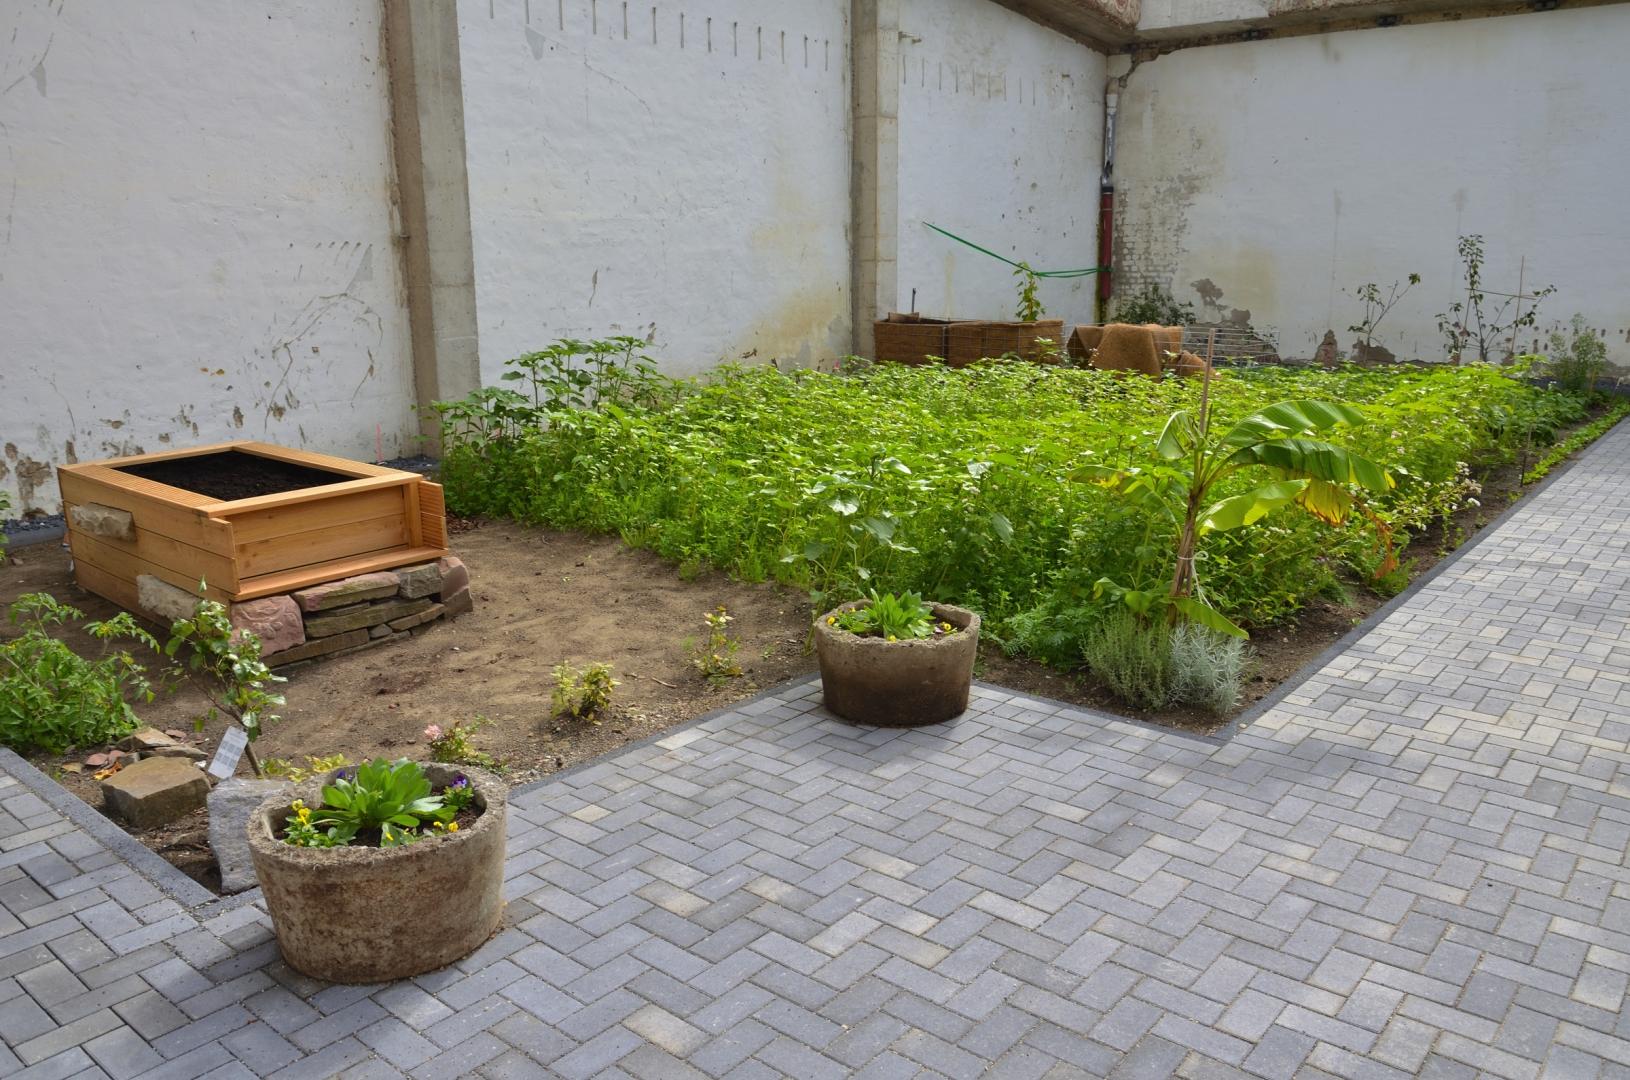 Garten am 24-09-2017 (1)